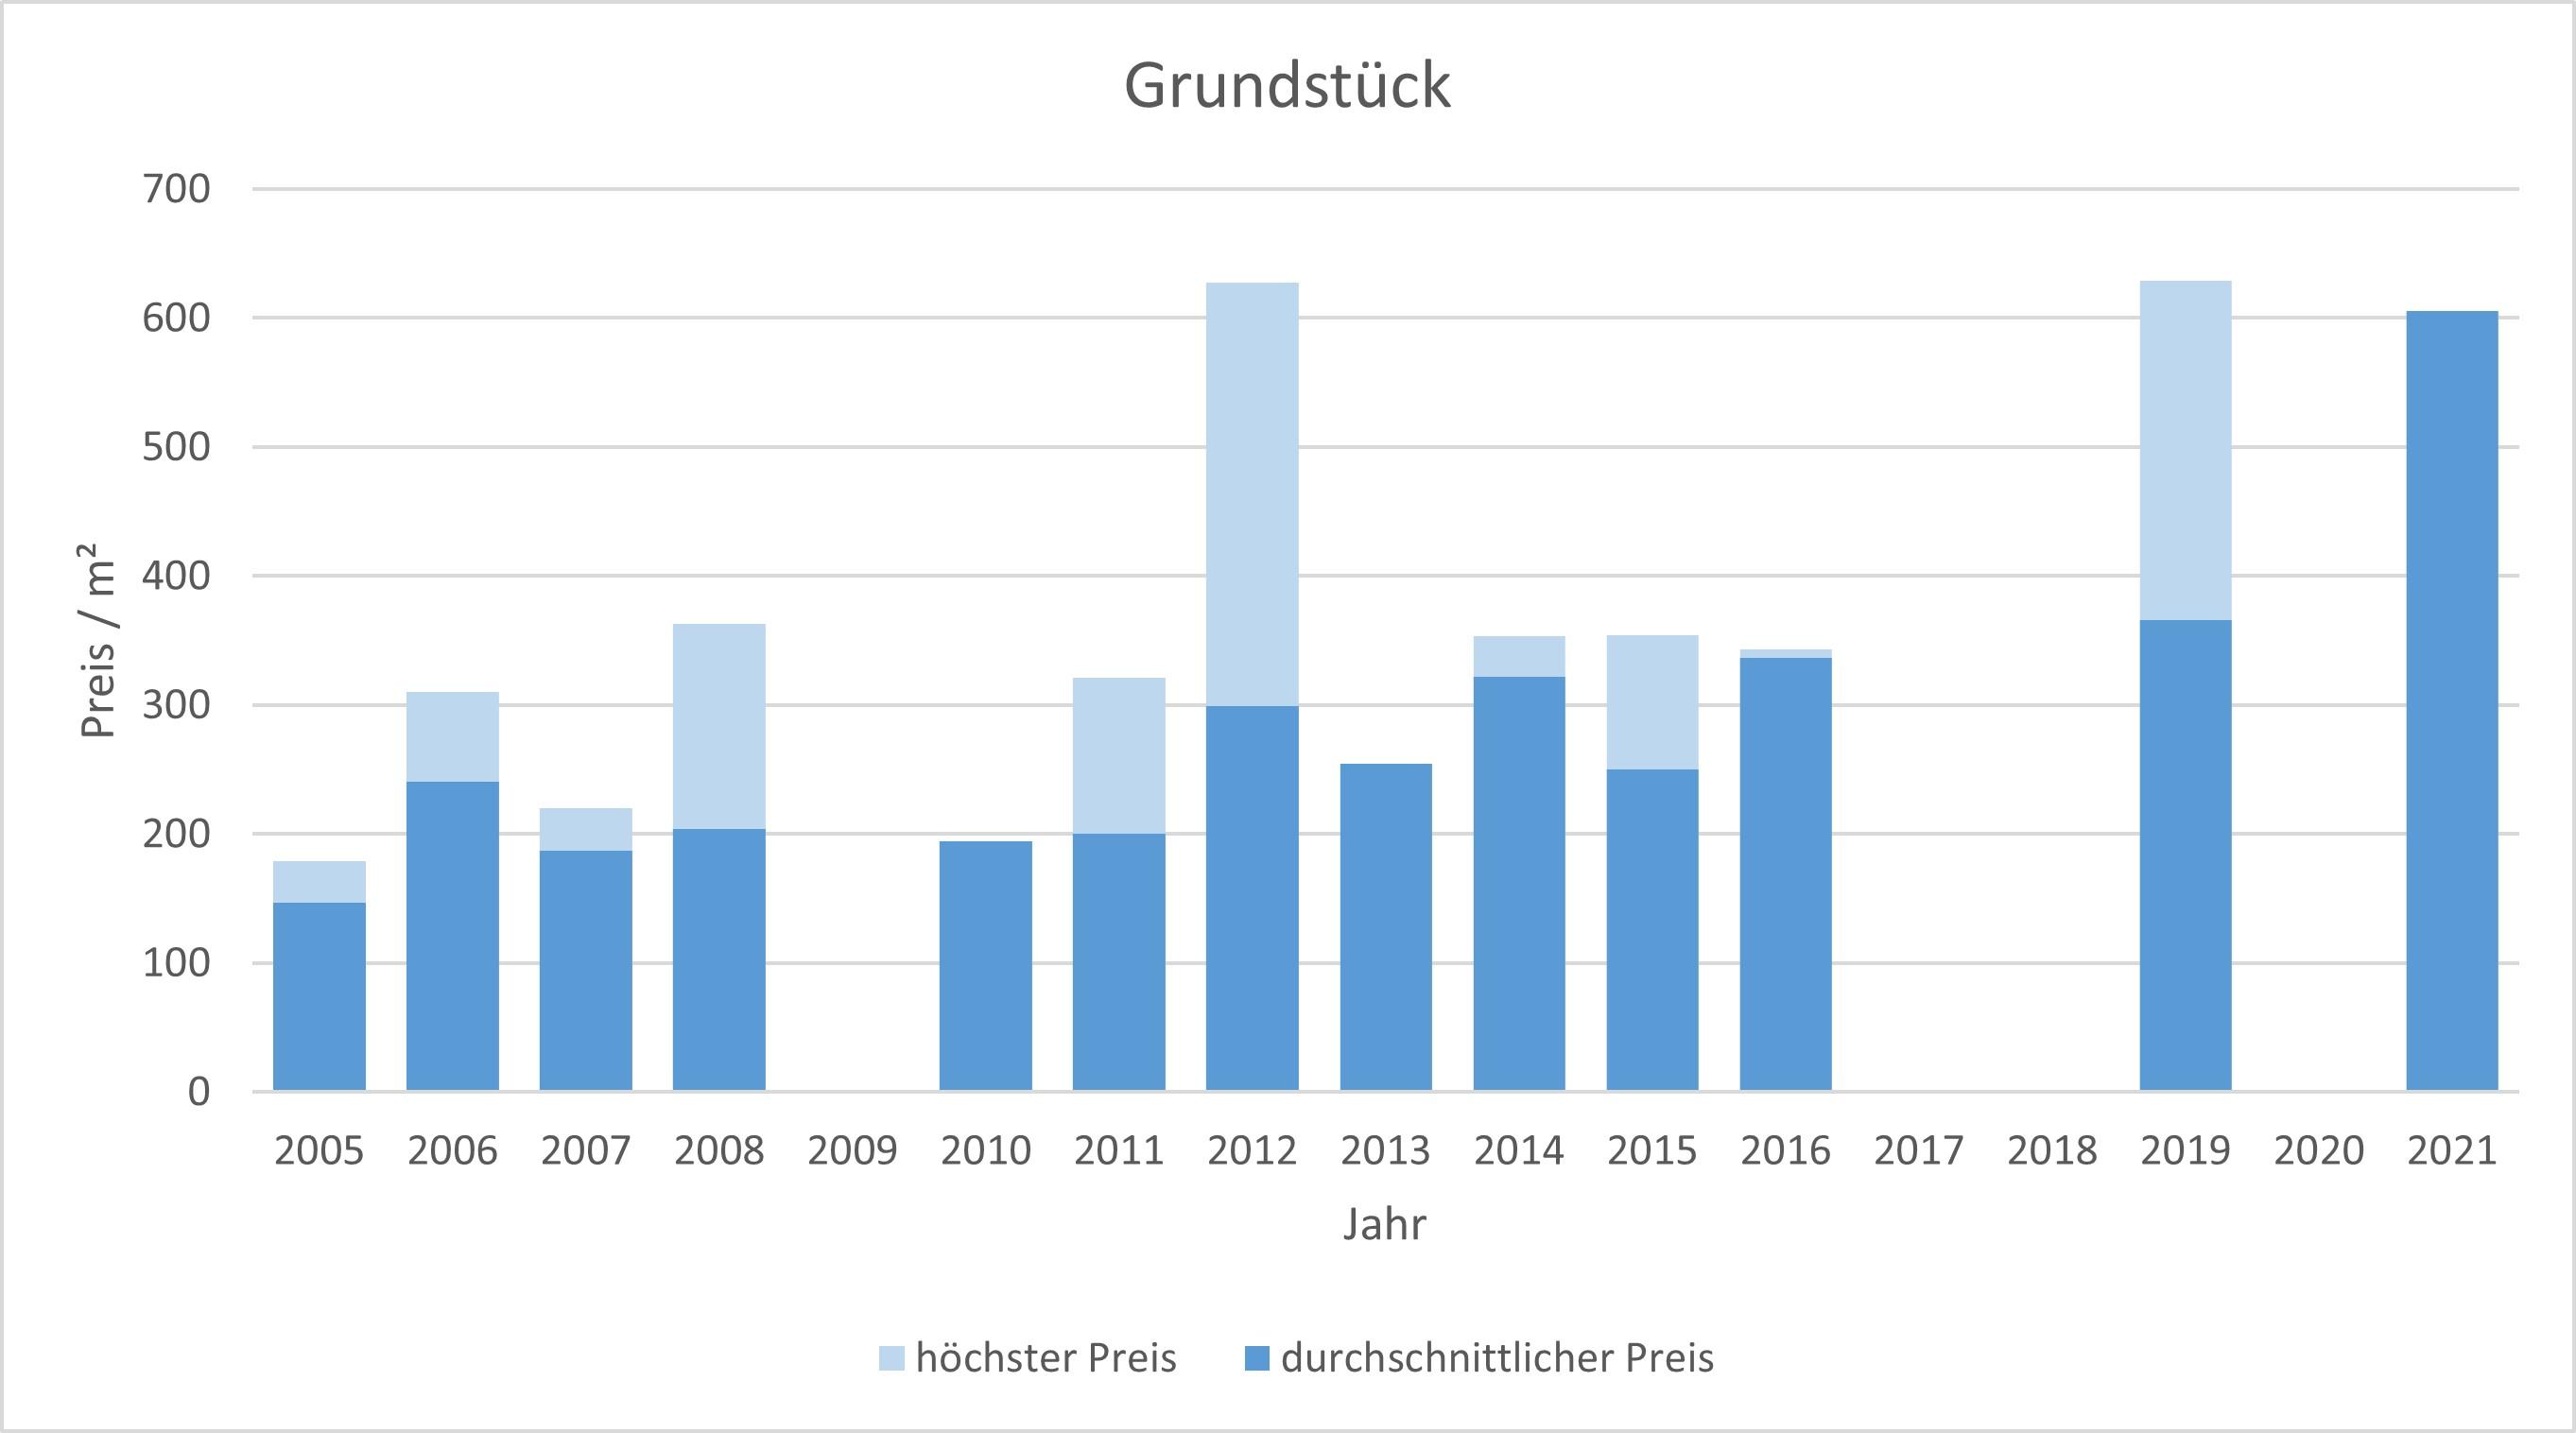 Bayrischzell makler grundstück kaufen verkaufen preis bewertung www.happy-immo.de 2019, 2020, 2021